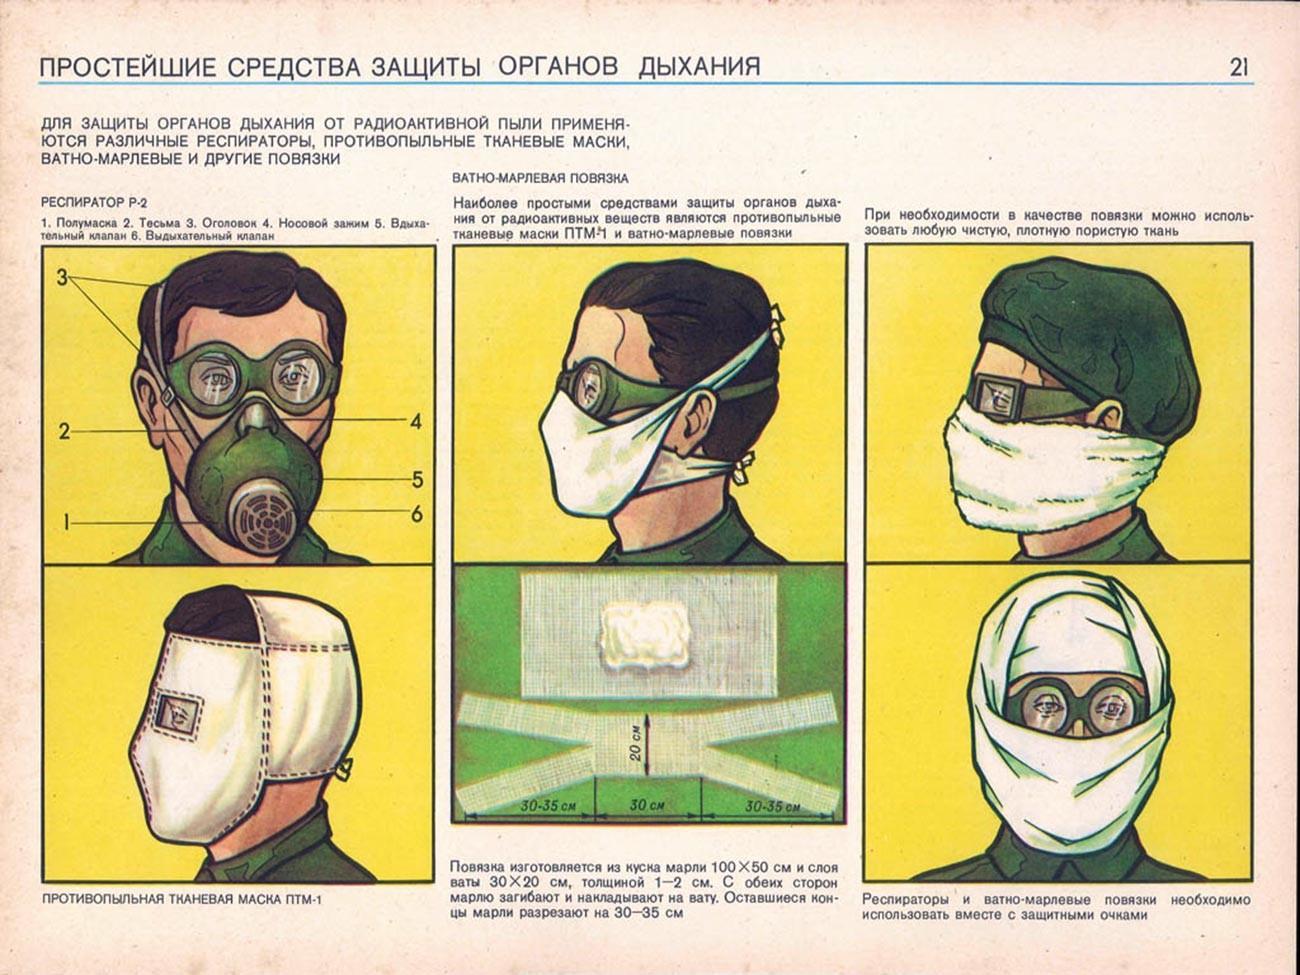 「呼吸器を守る簡単な道具」